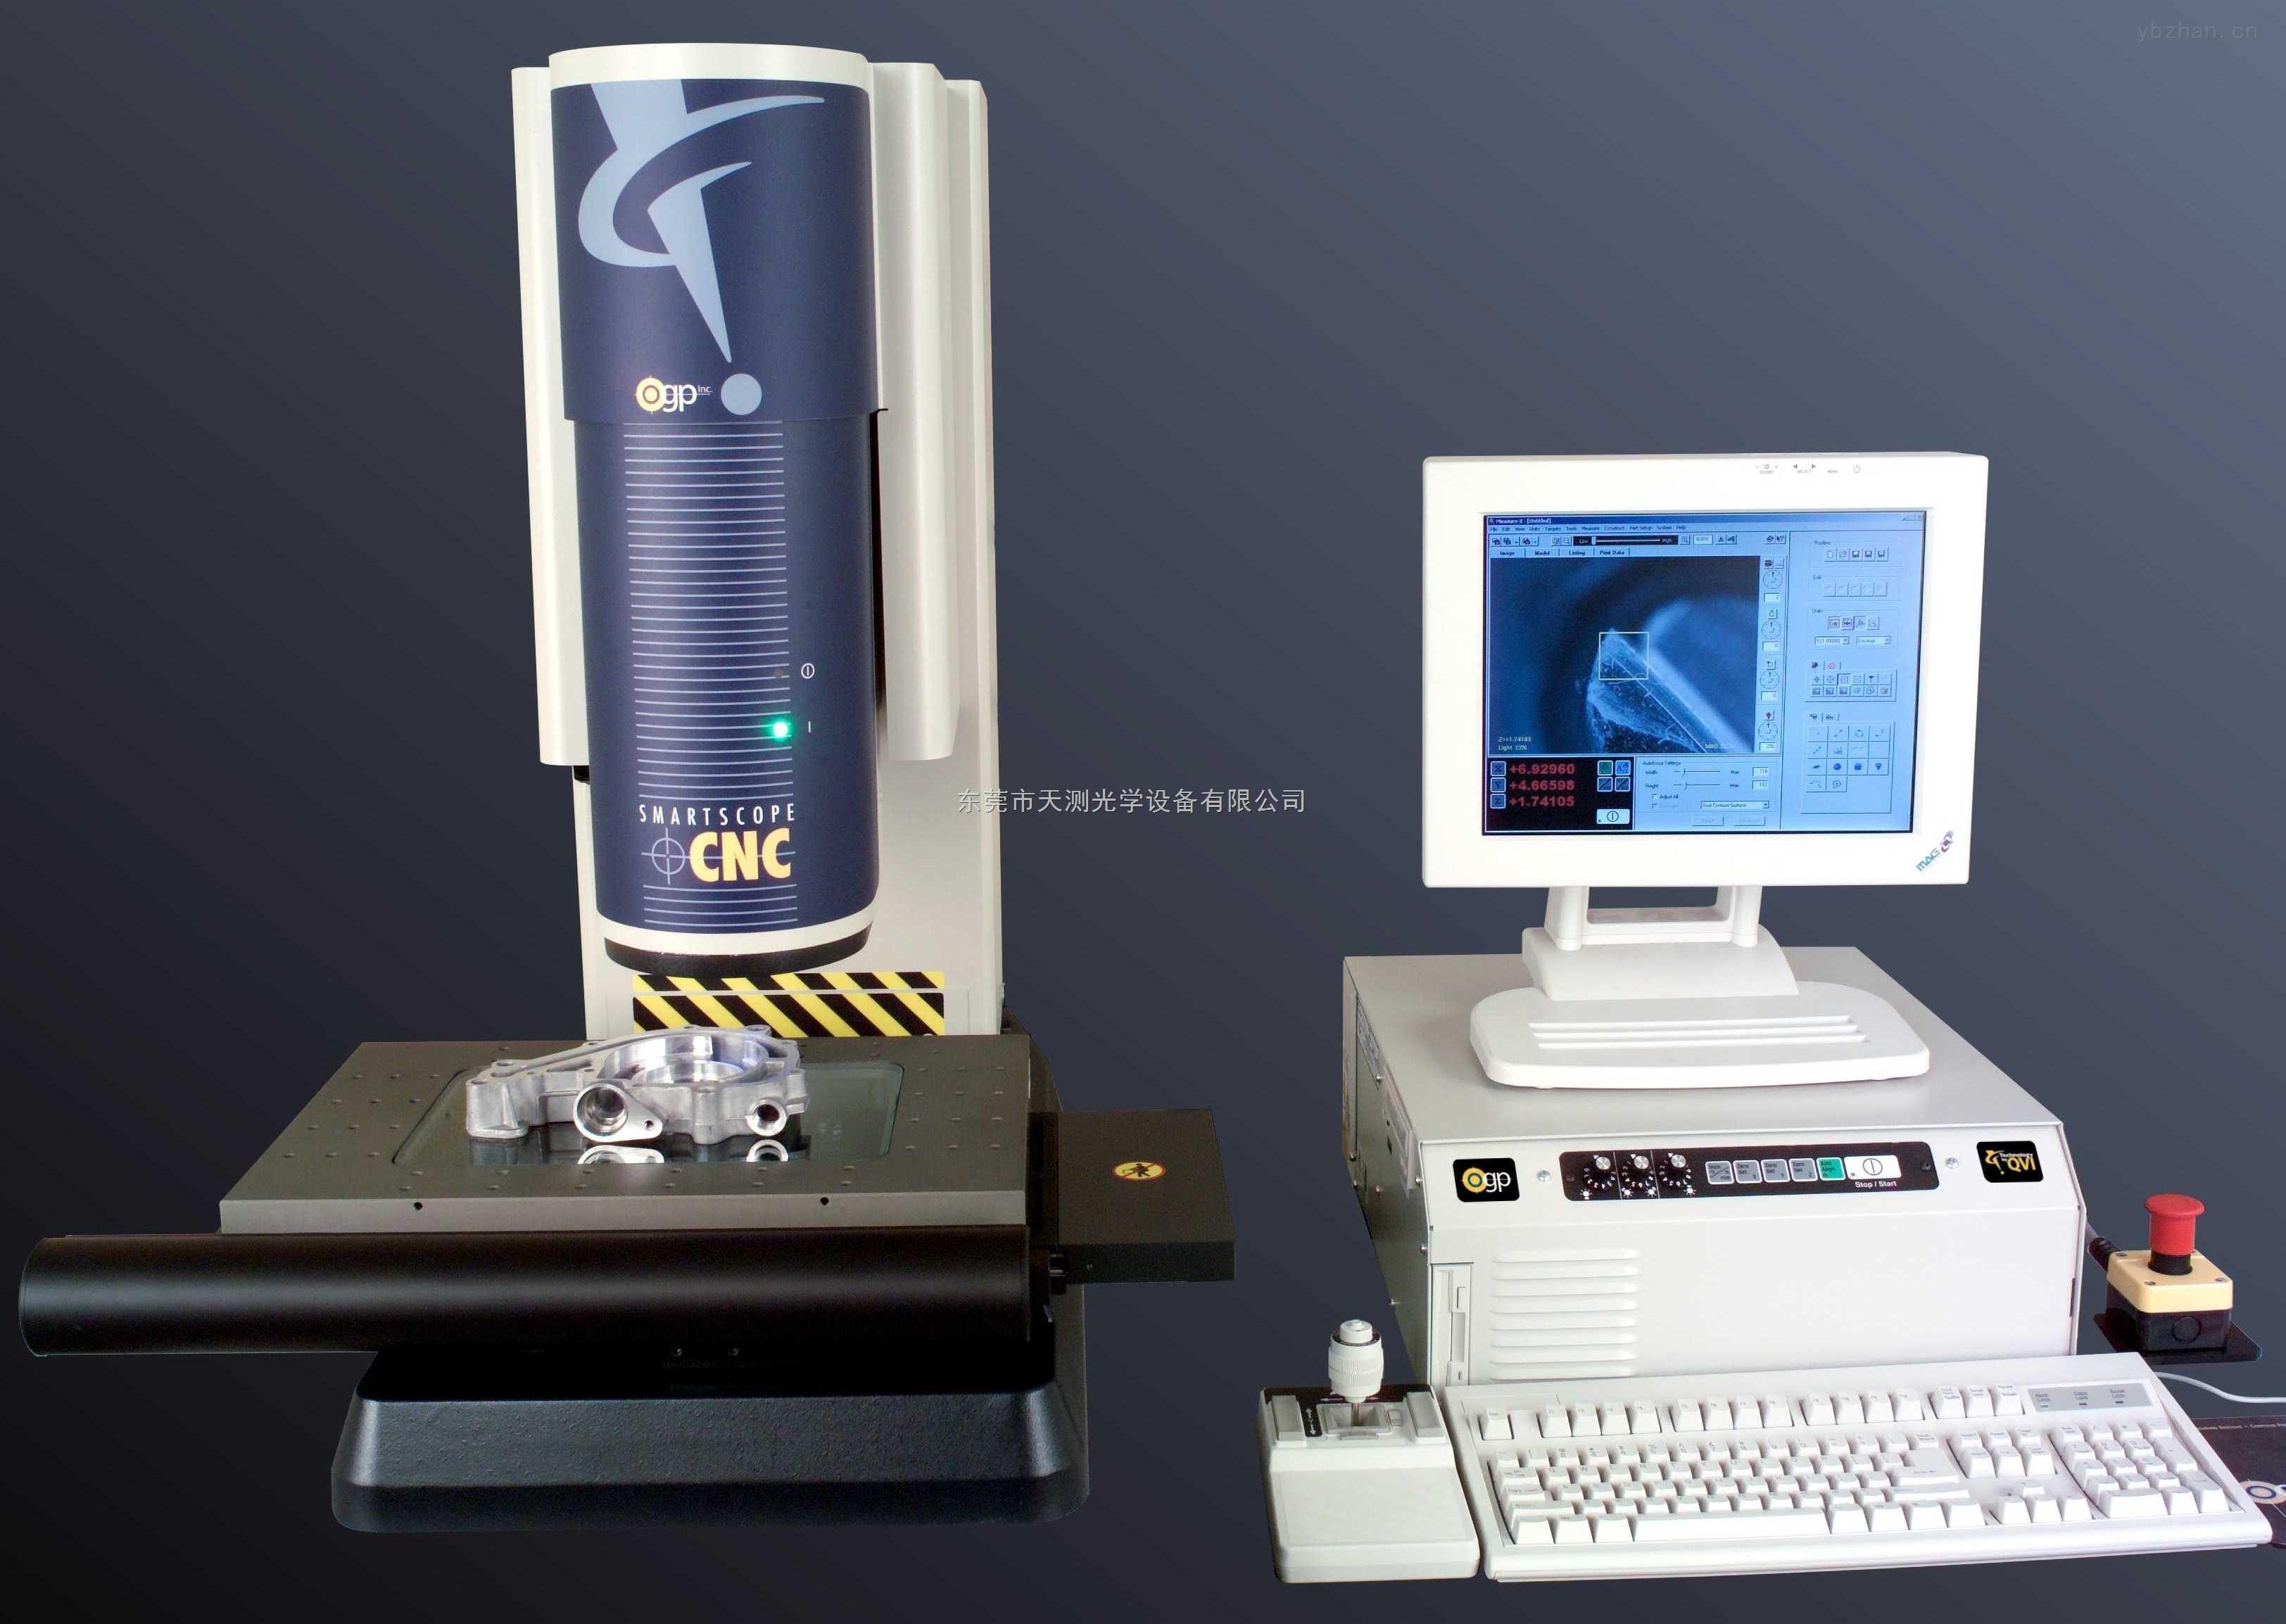 CNC250-美国CNC 250高精度高效率光学影像测量仪,测量用时短、产出高